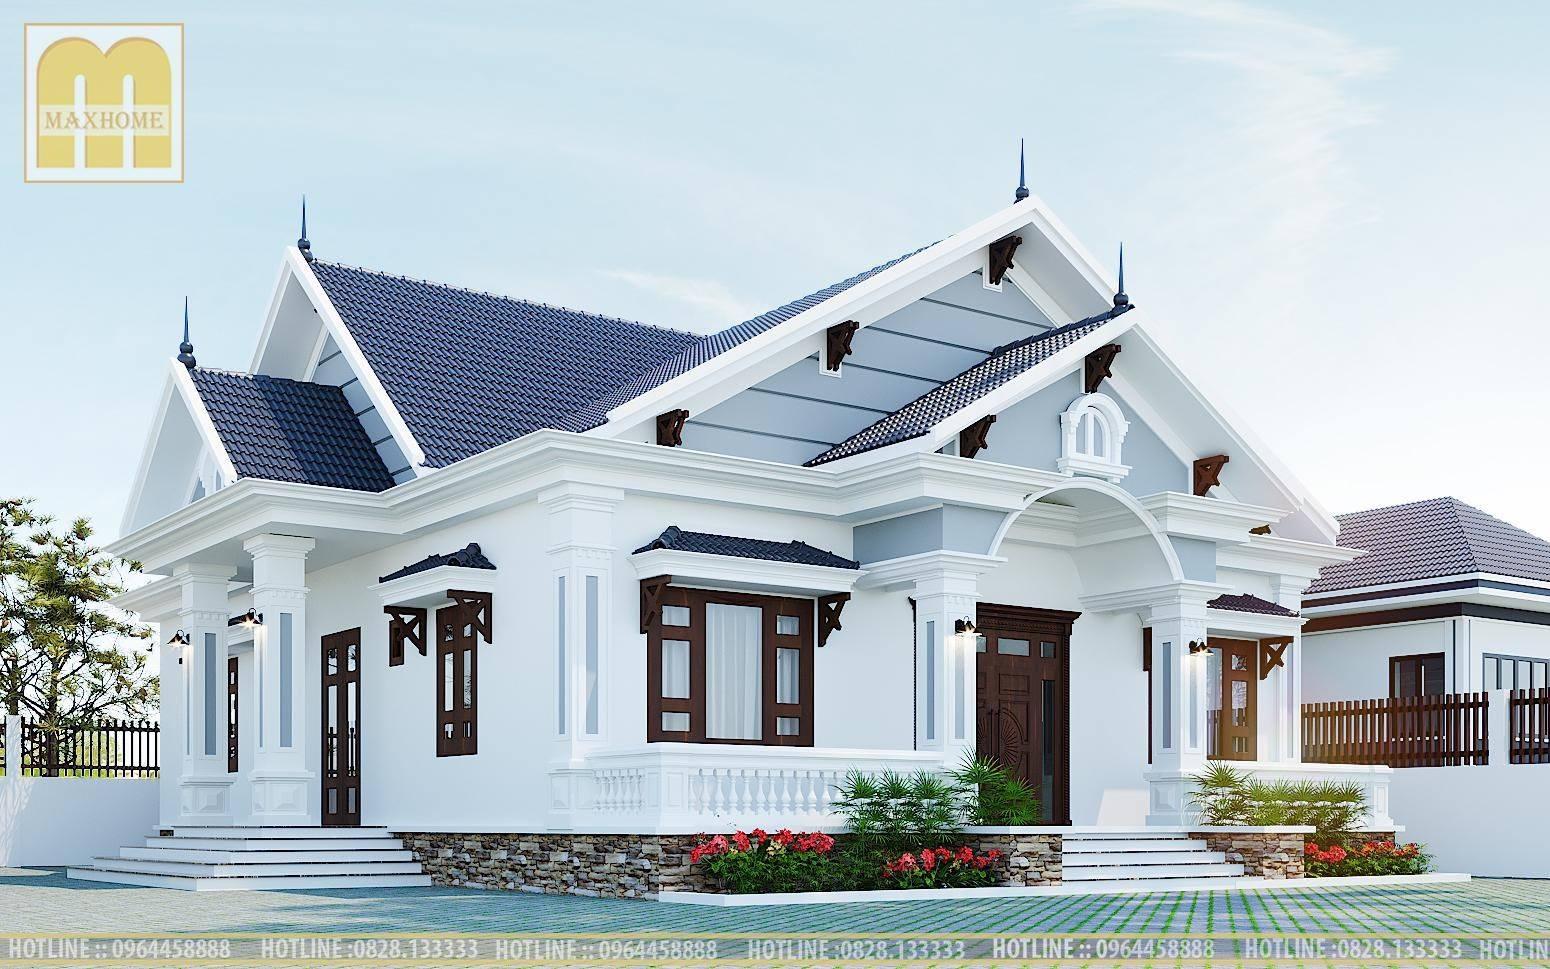 Dành cho những ai có ý định xây nhà